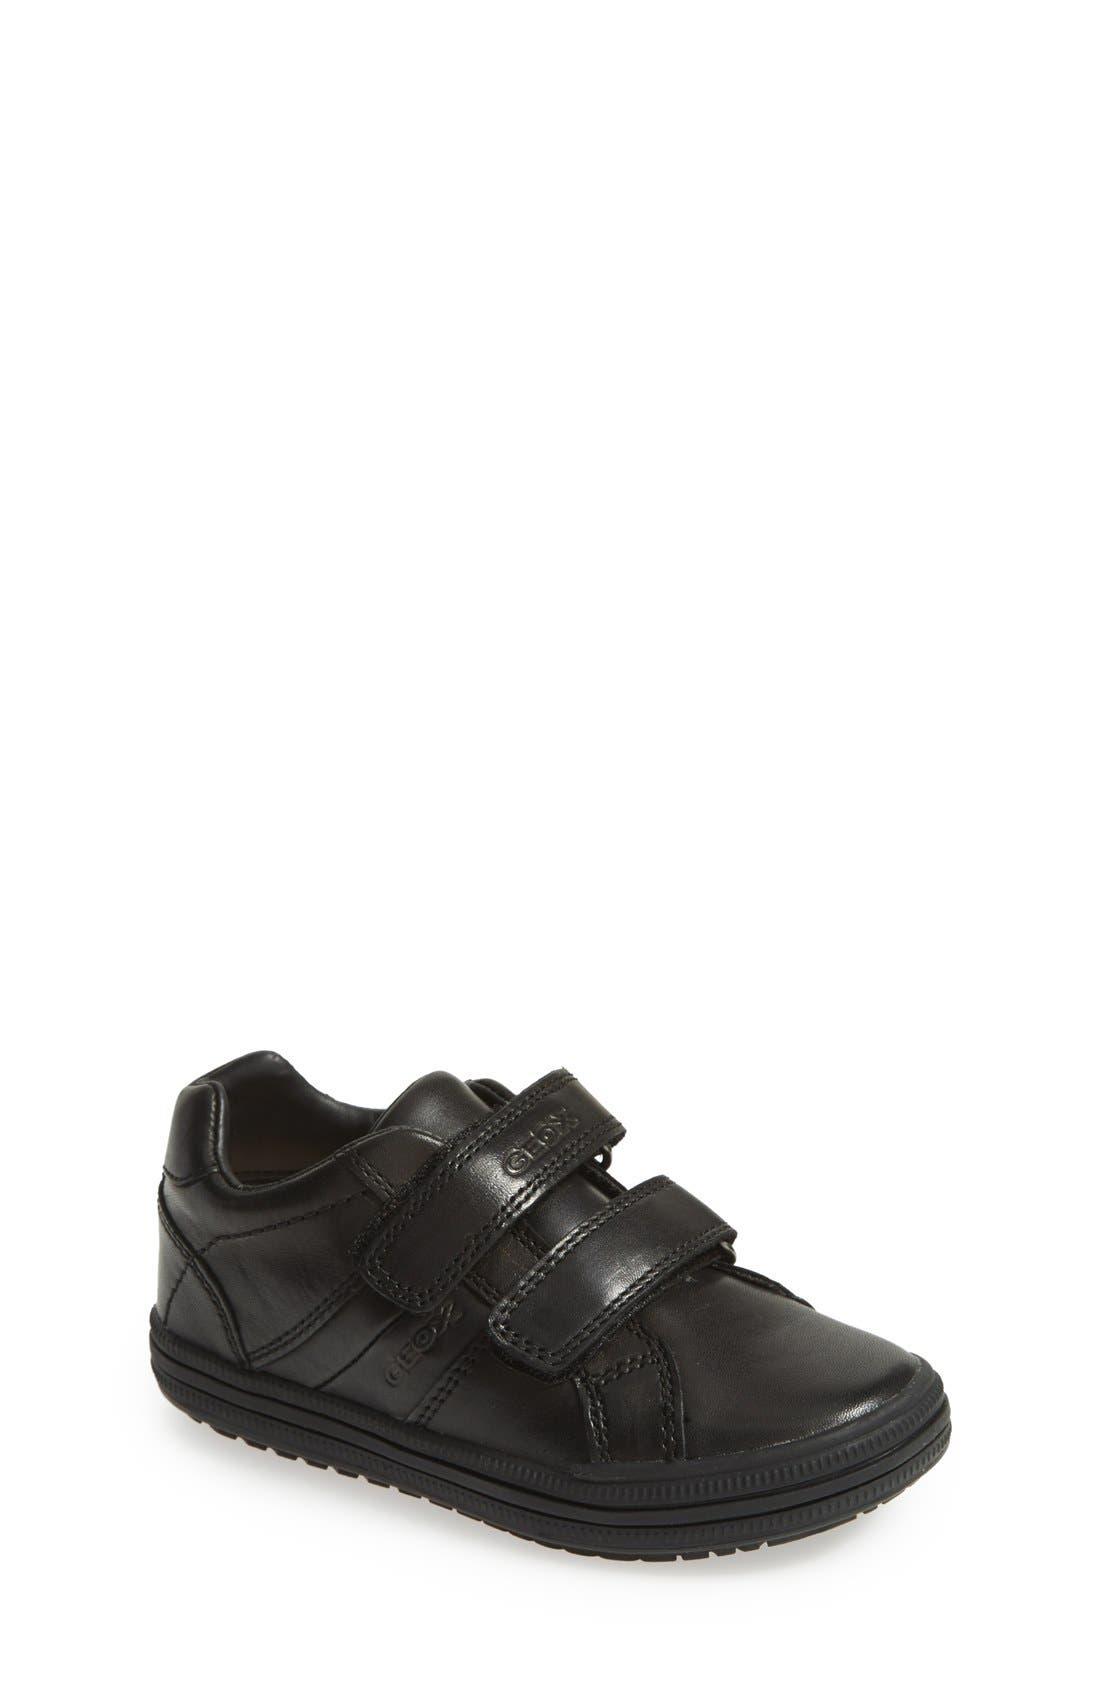 GEOX Elvis 25 Sneaker, Main, color, BLACK